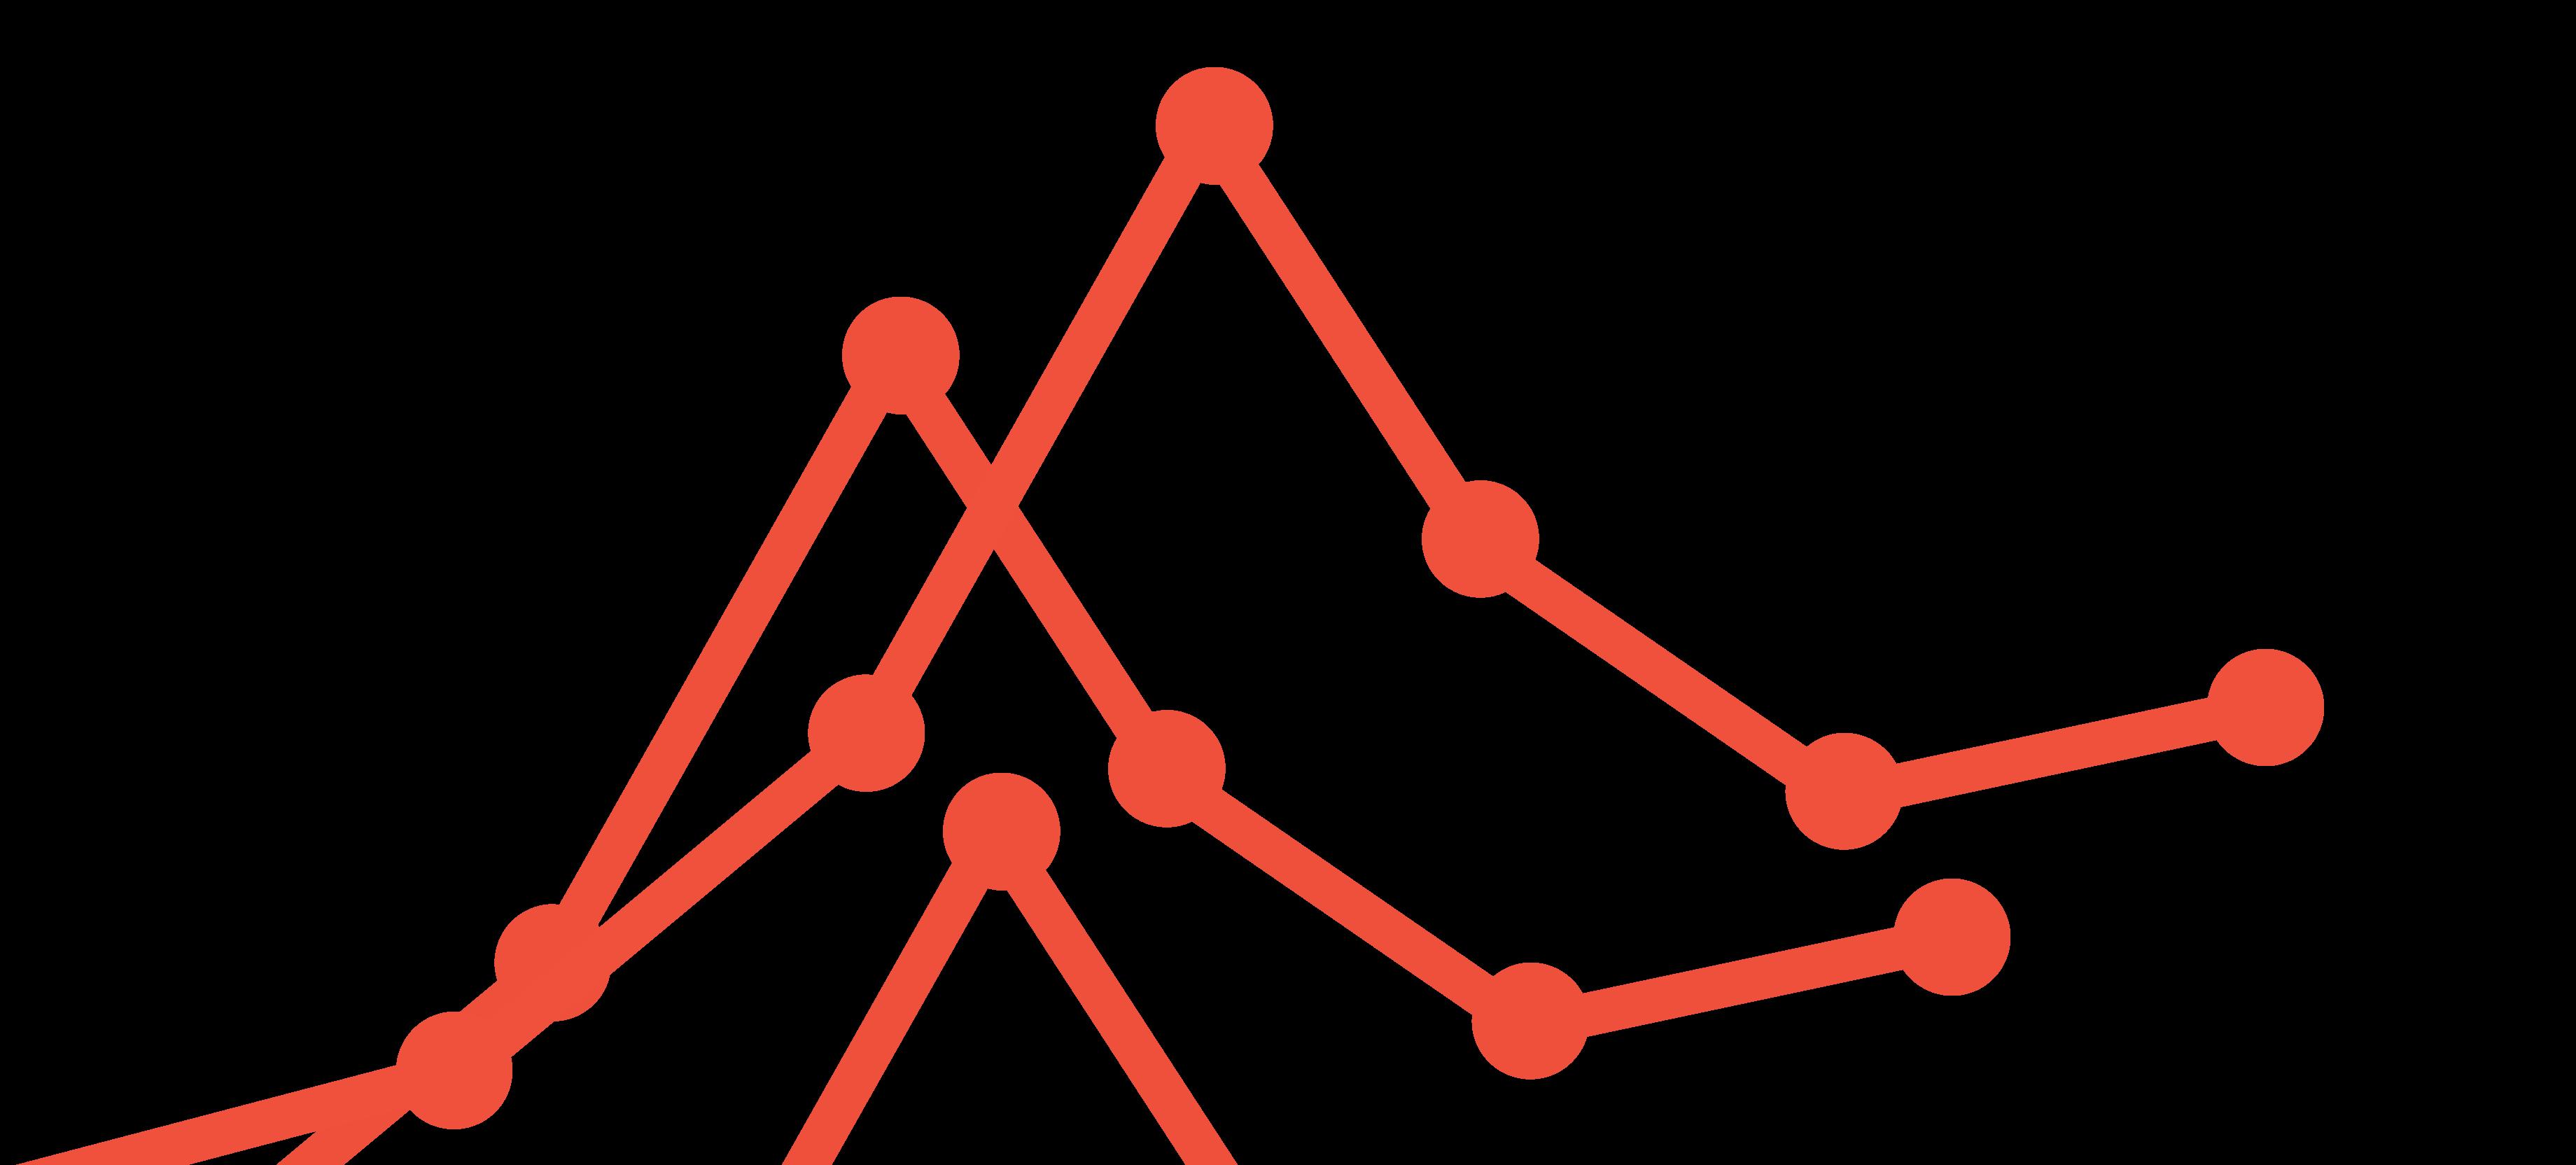 Ein Diagramm mit drei Trendlinien, die die Performance eines Unternehmens darstellen